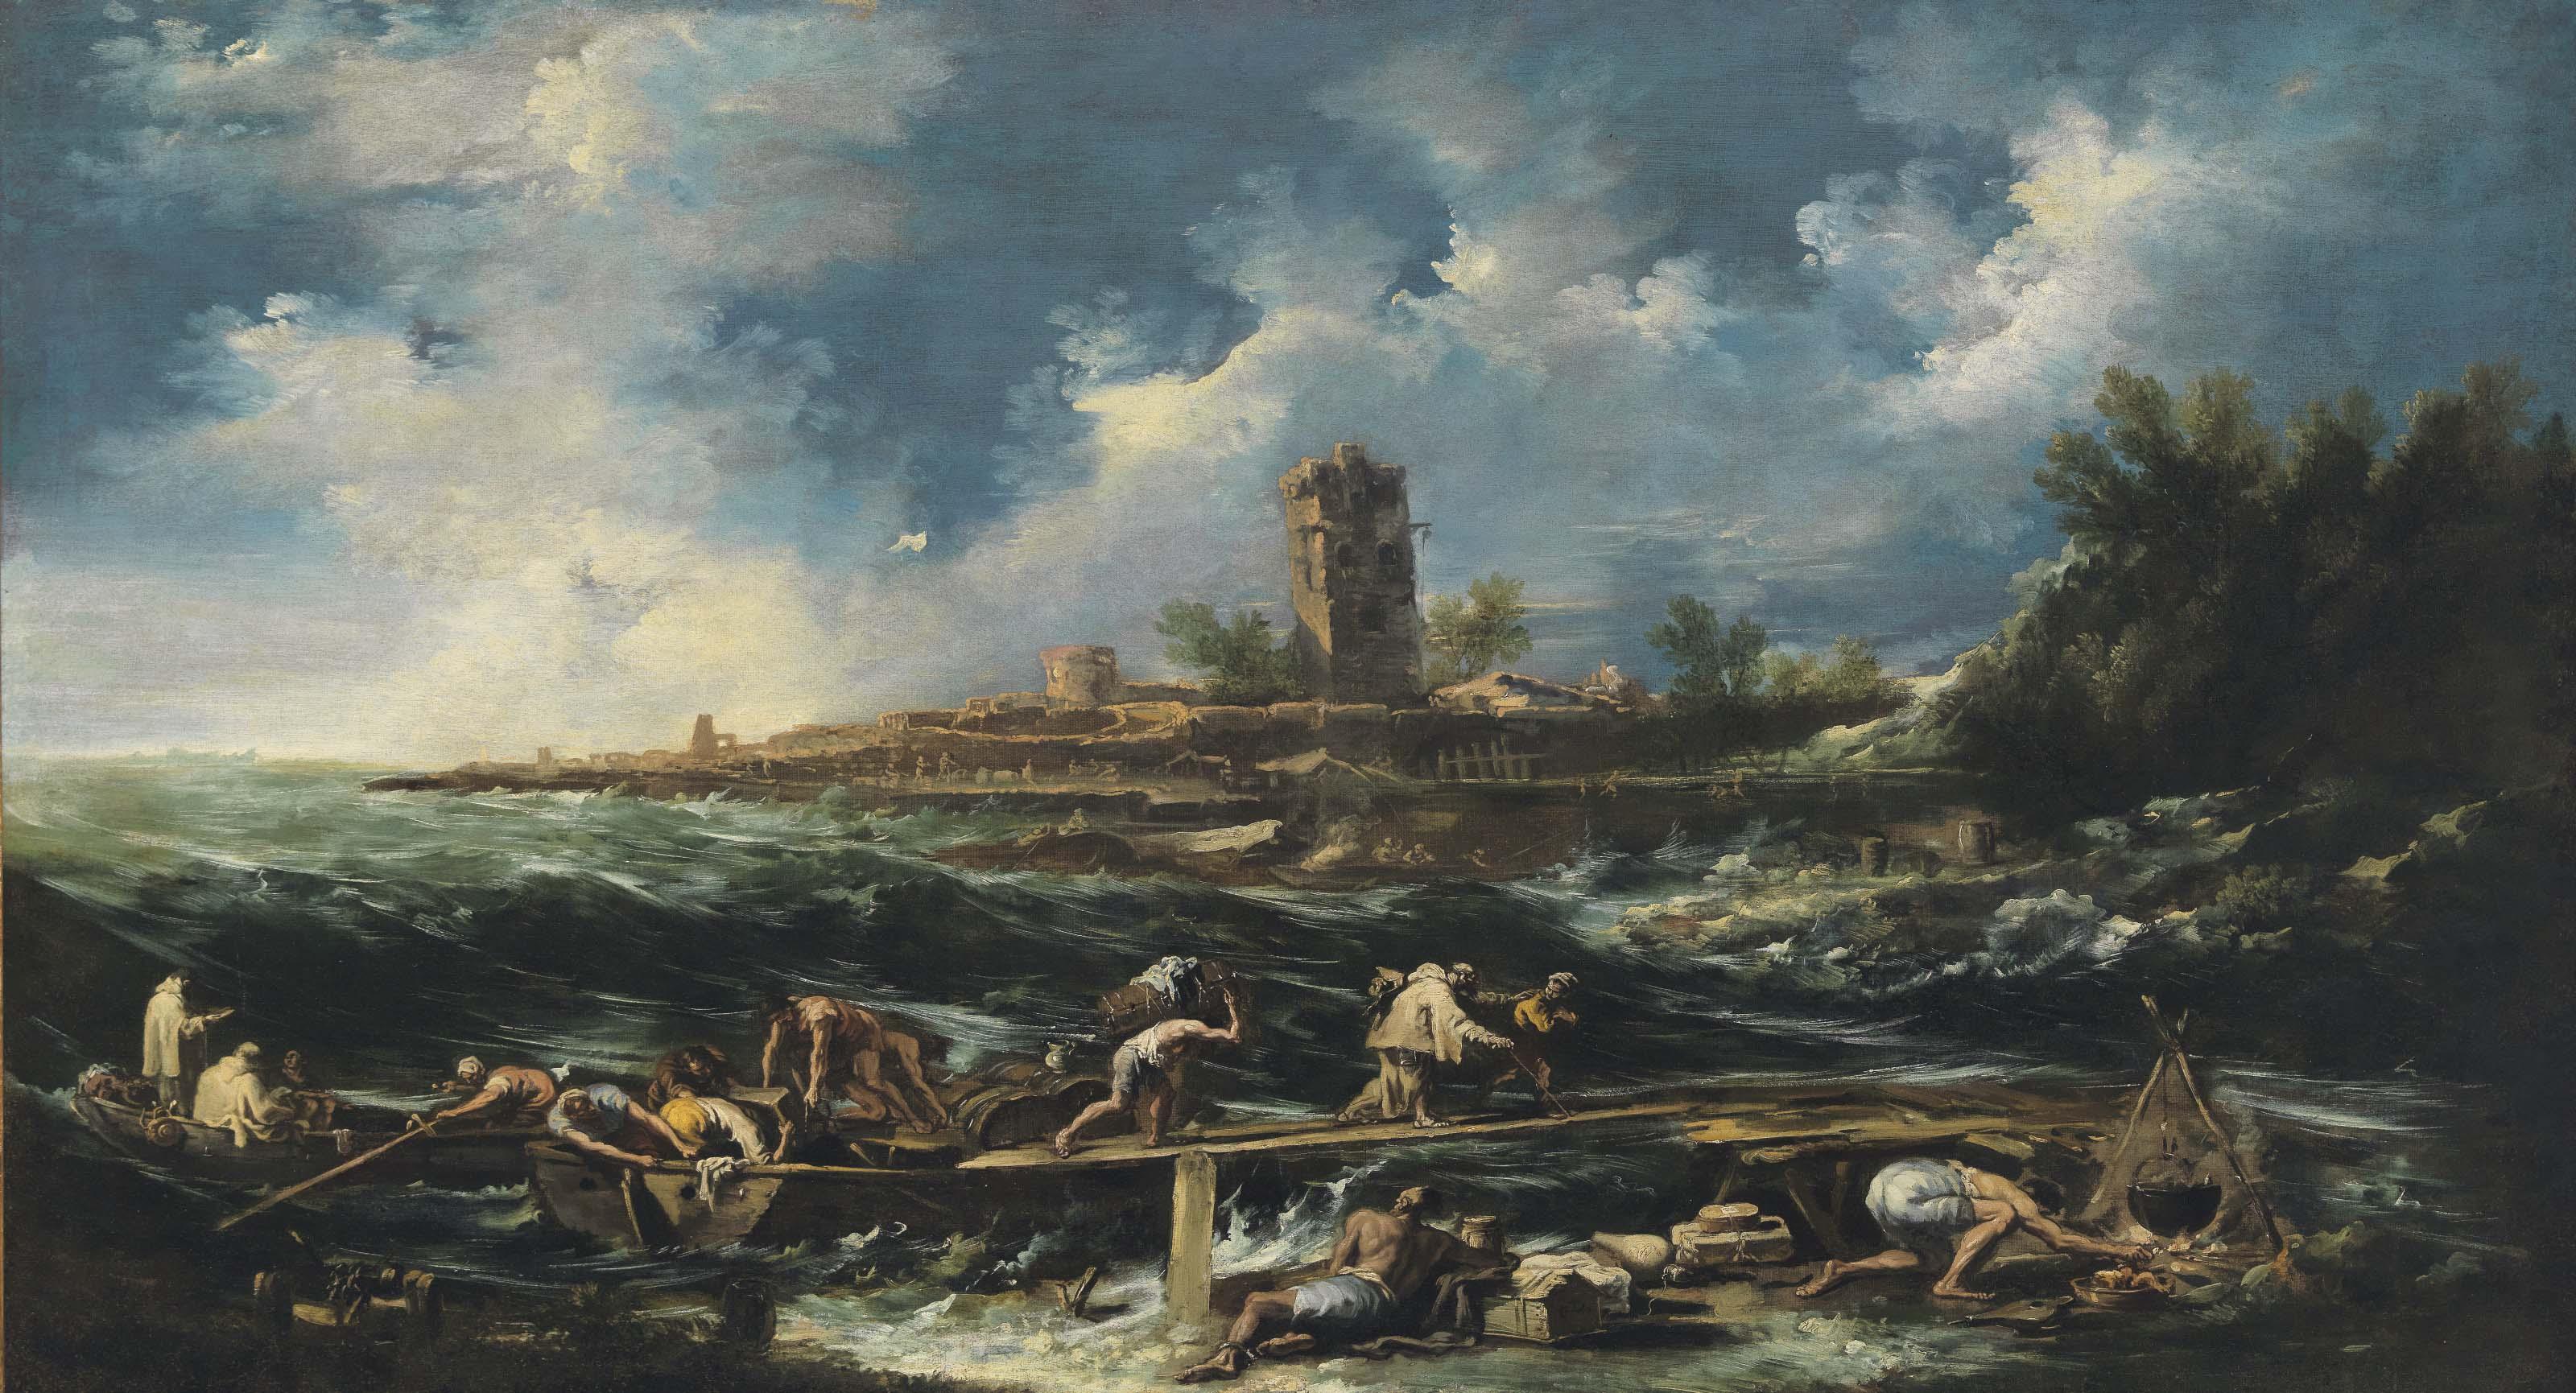 Castaways landing on the beach after a storm